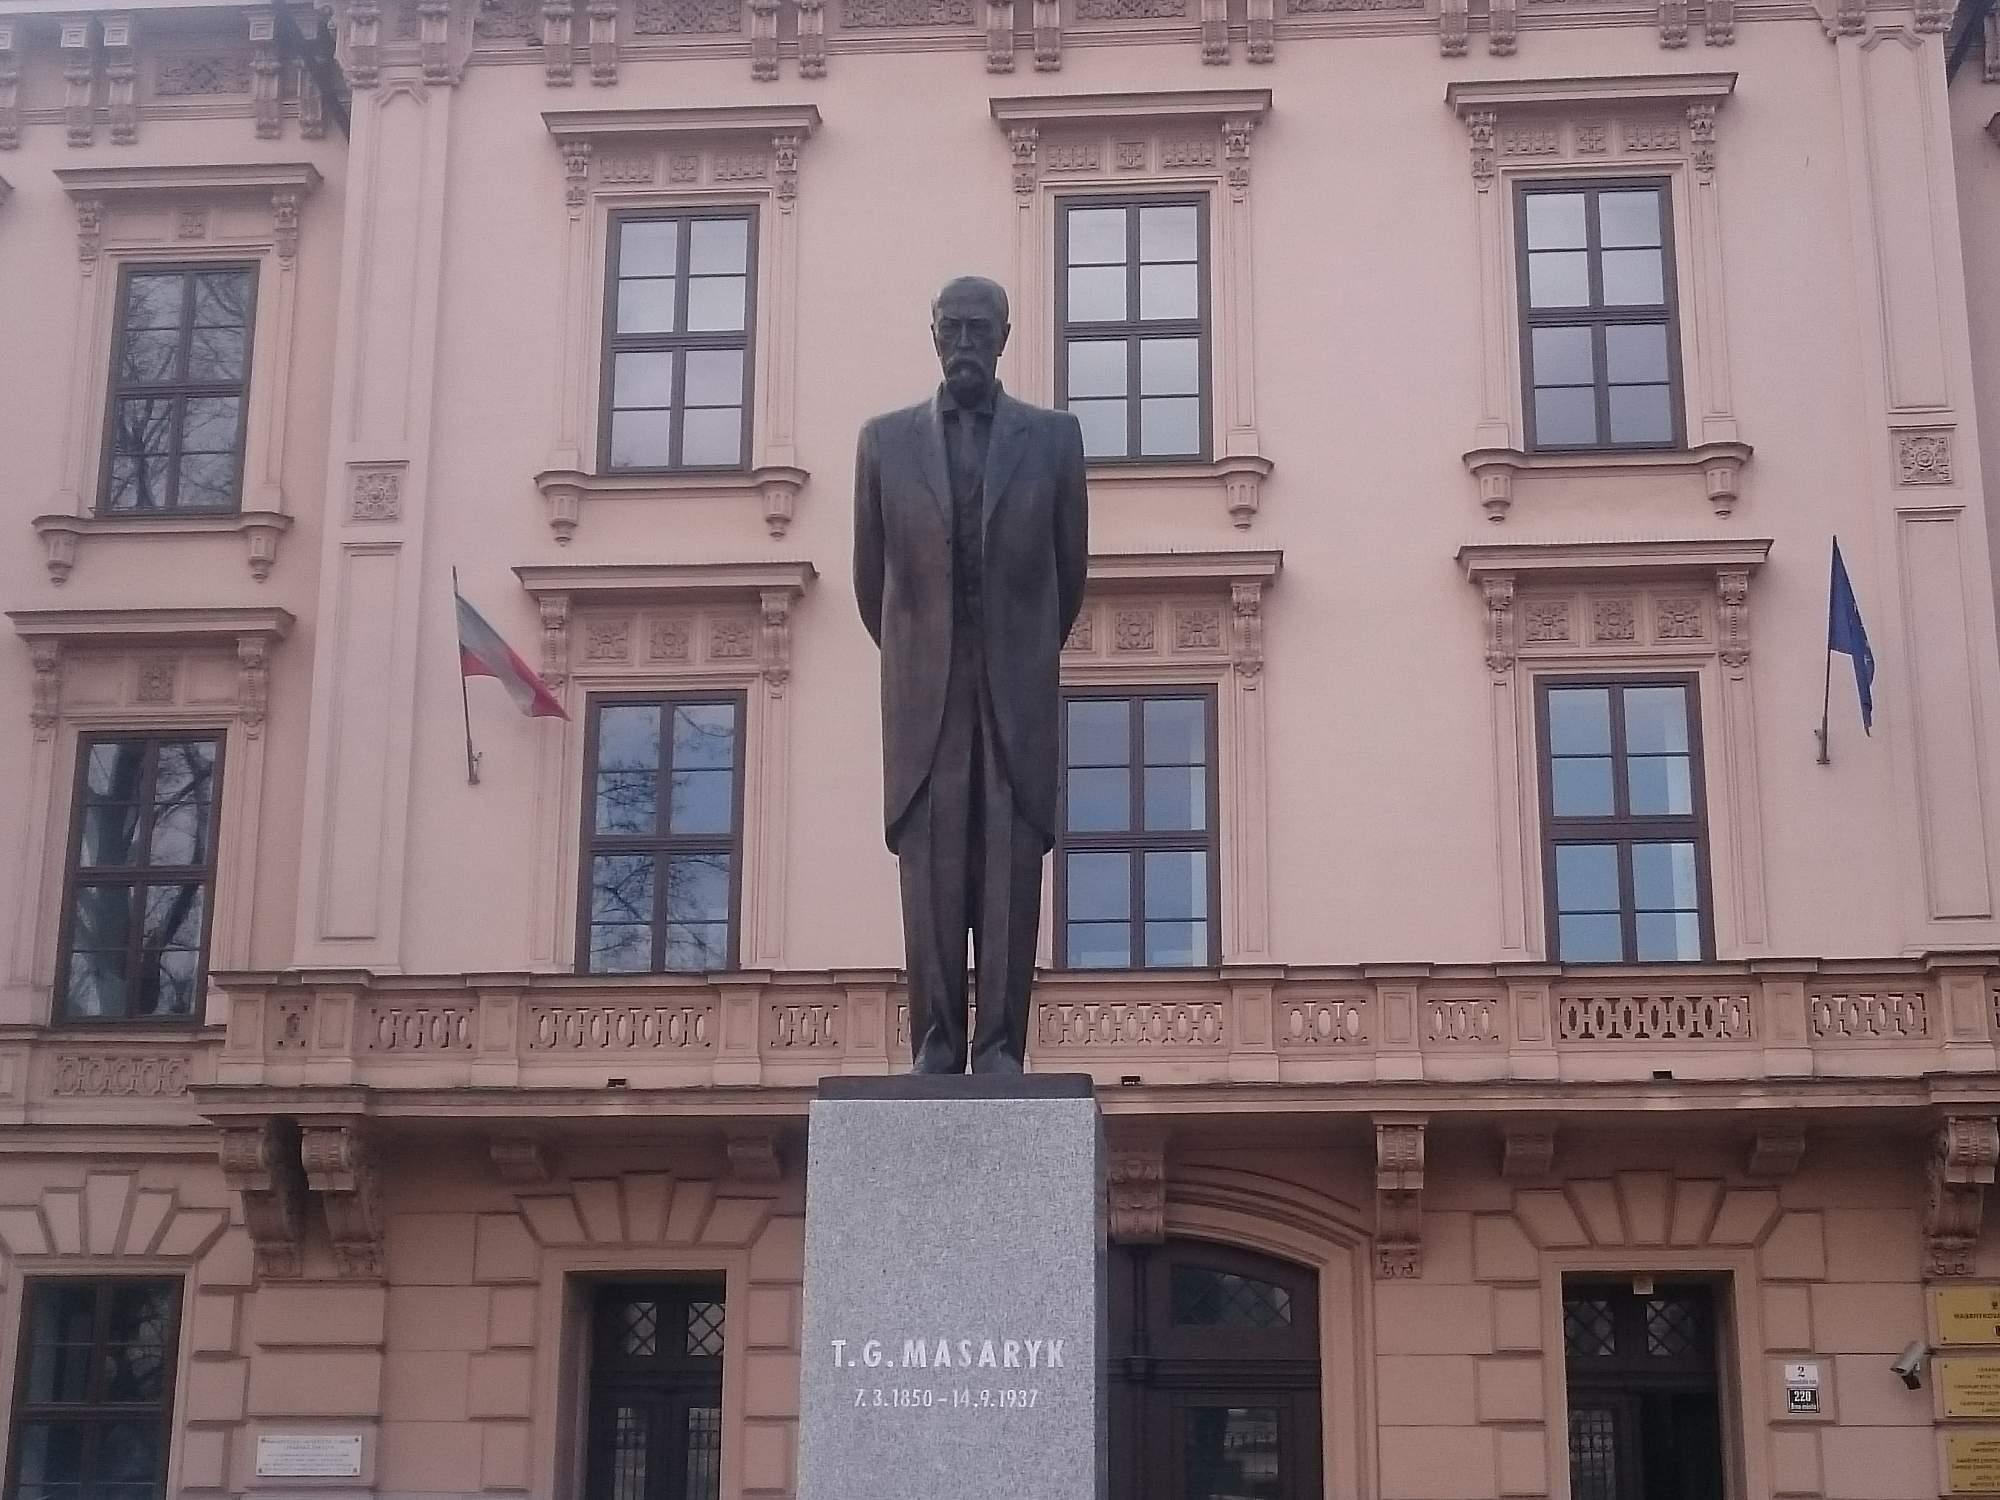 První Československý prezident Tomáš Garrigue Masaryk. Foto: Jan Kočenda